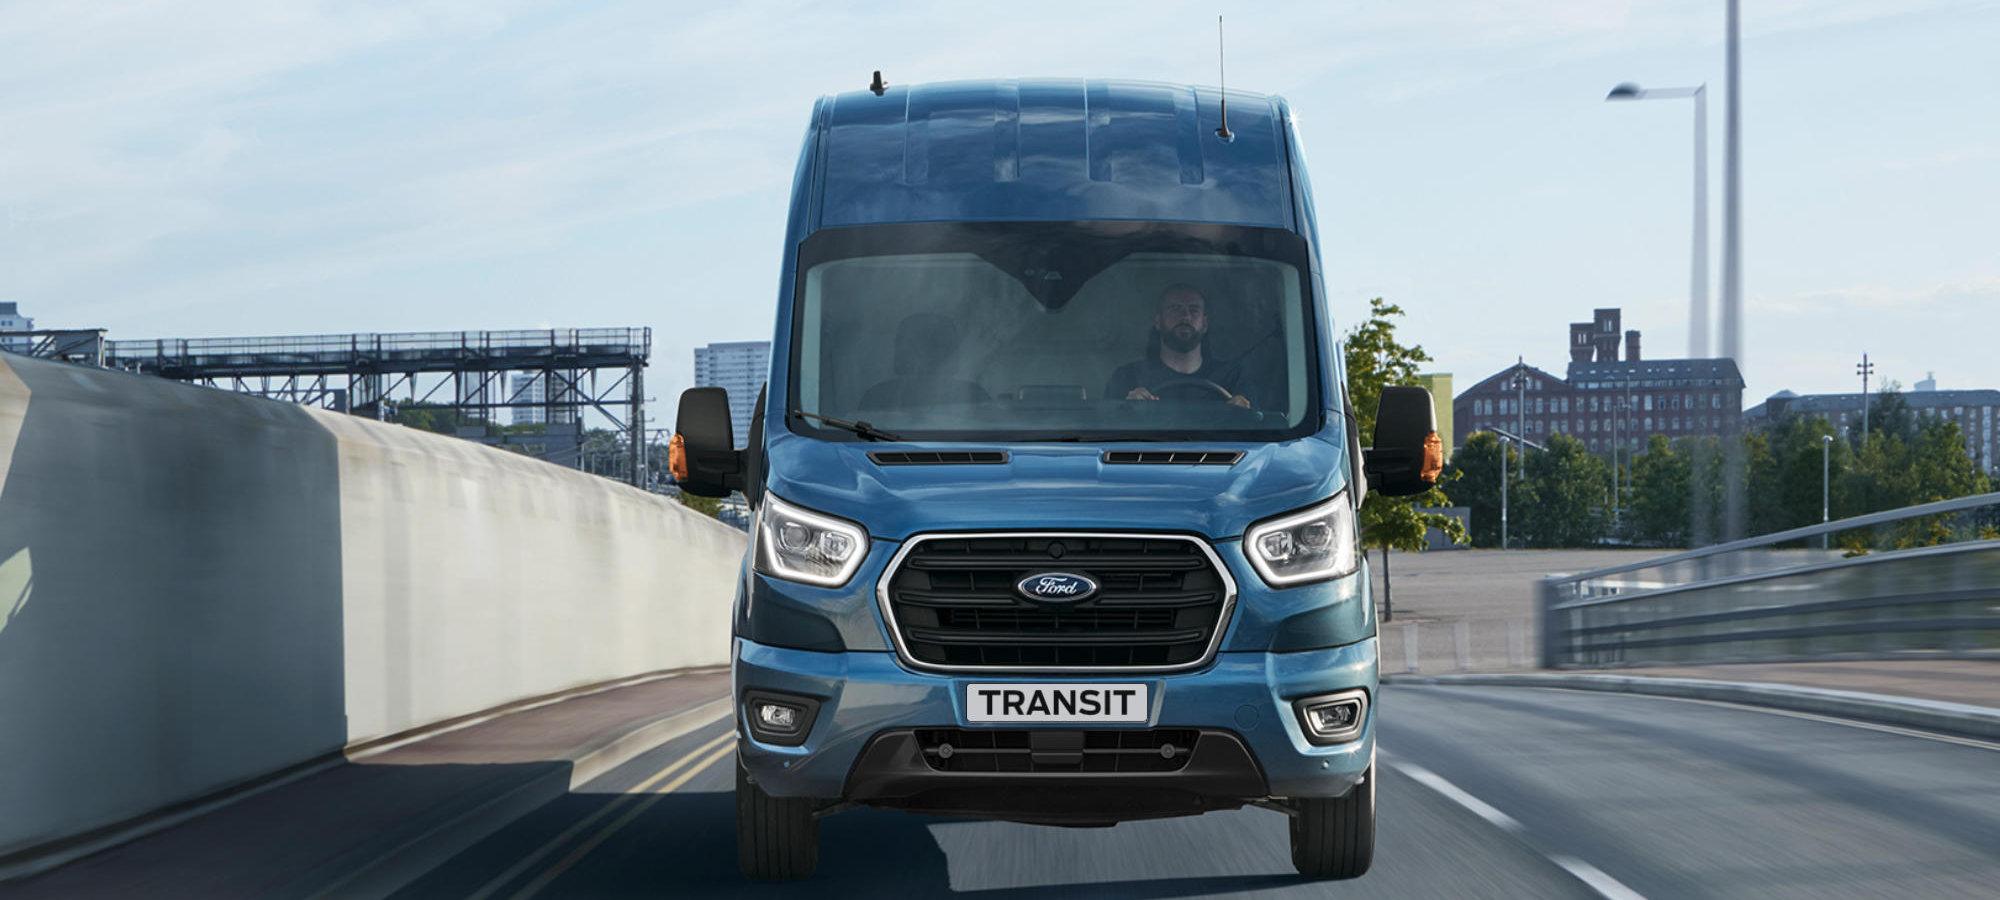 Ford Transit varebil